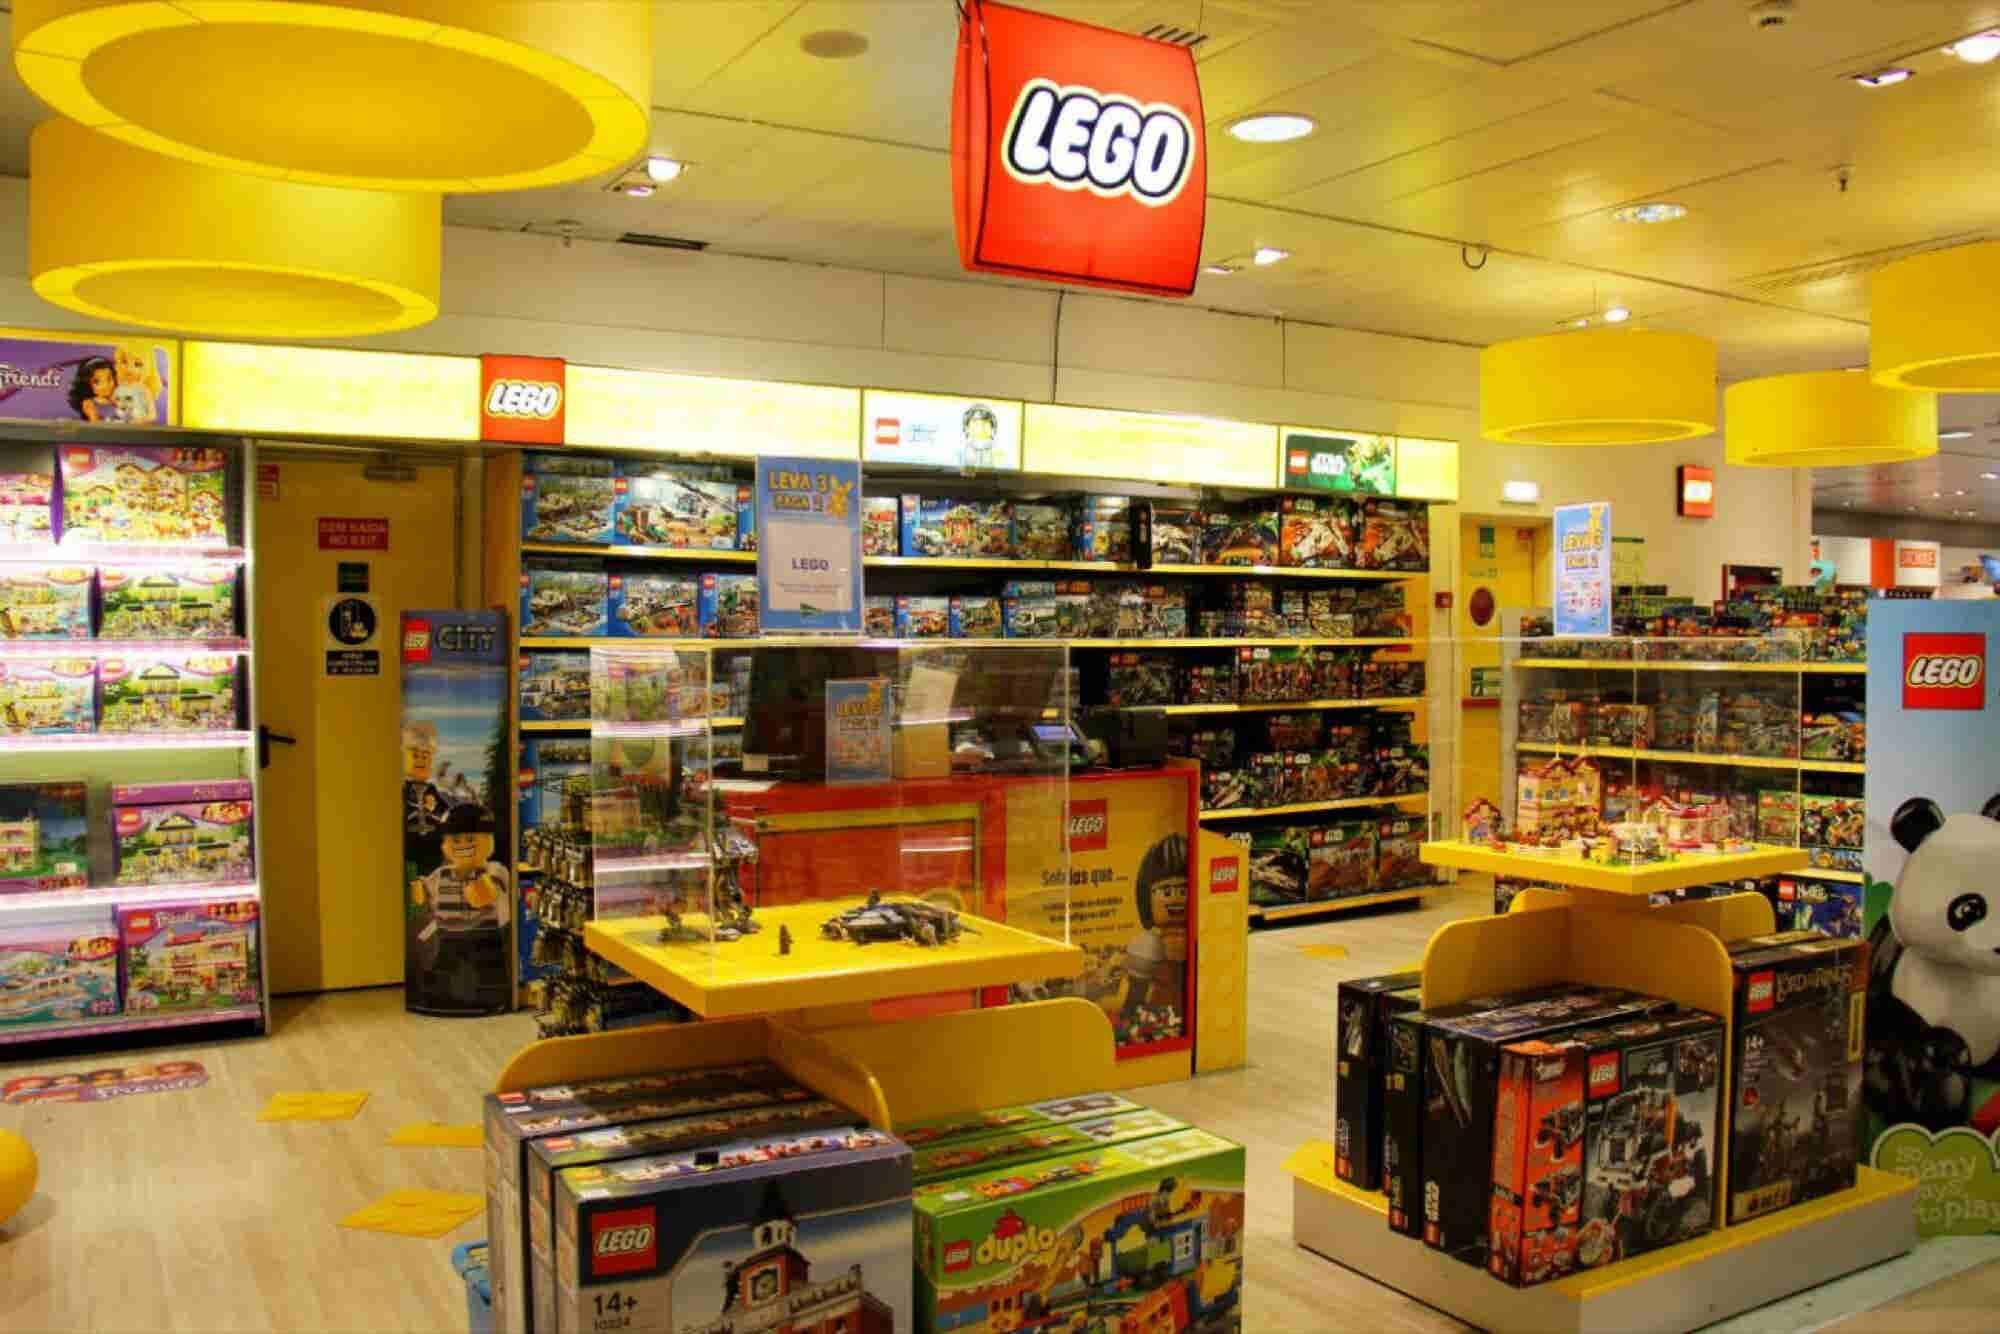 ¿Qué implica la llegada de la LEGO Store a México?